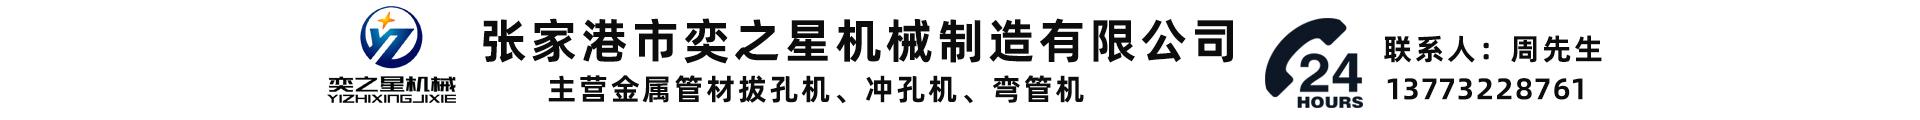 张家港市奕之星机械制造有限公司